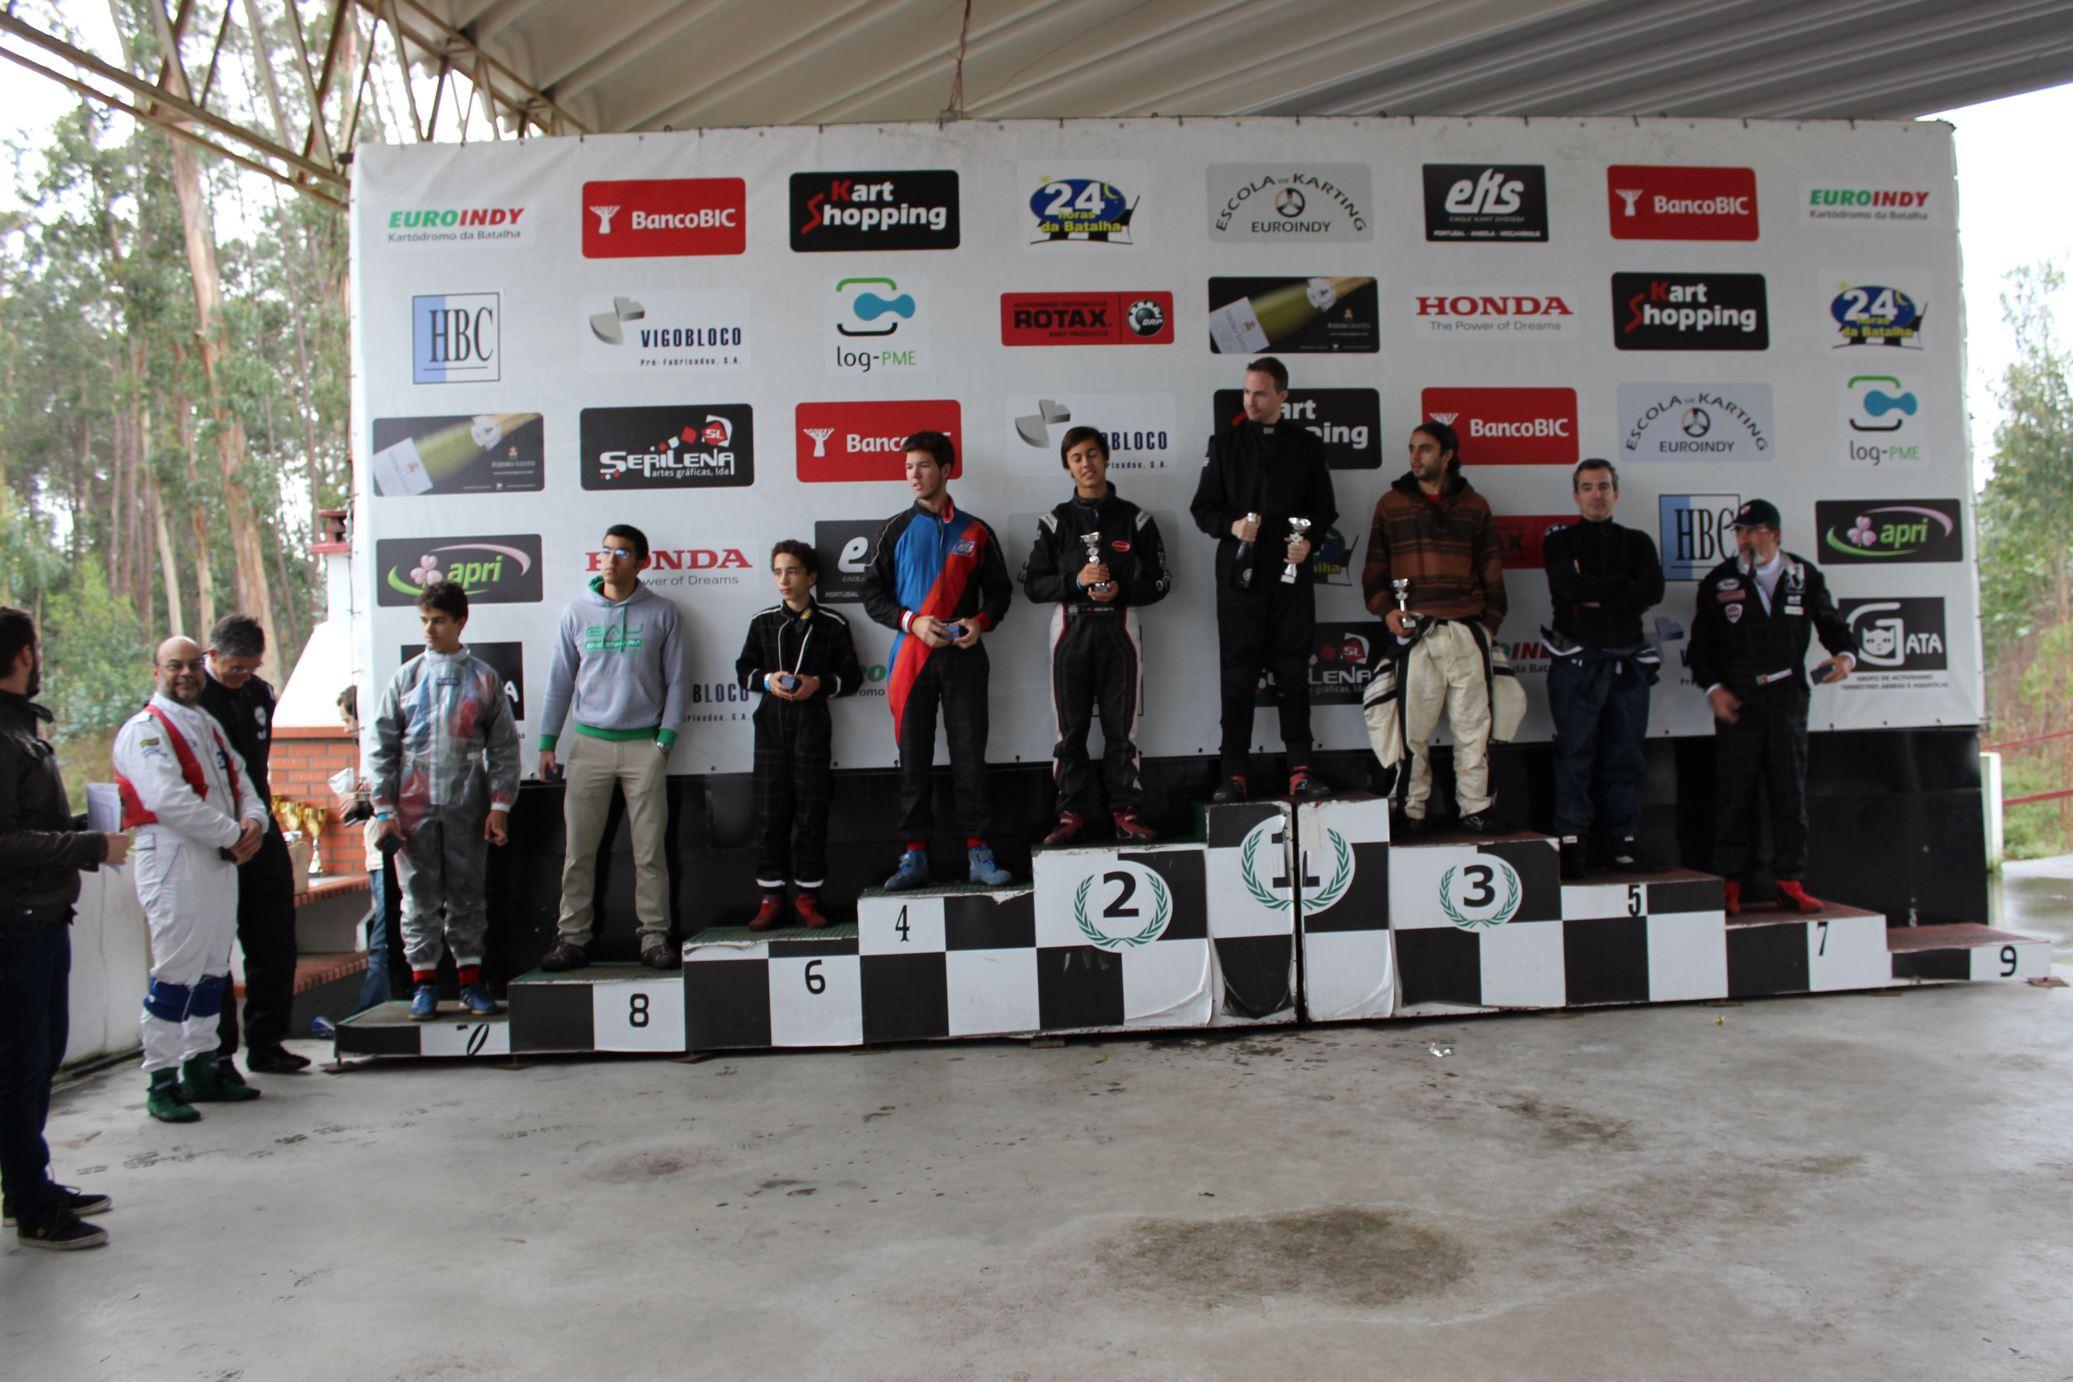 Troféu Honda 2014 - 5ª Prova220